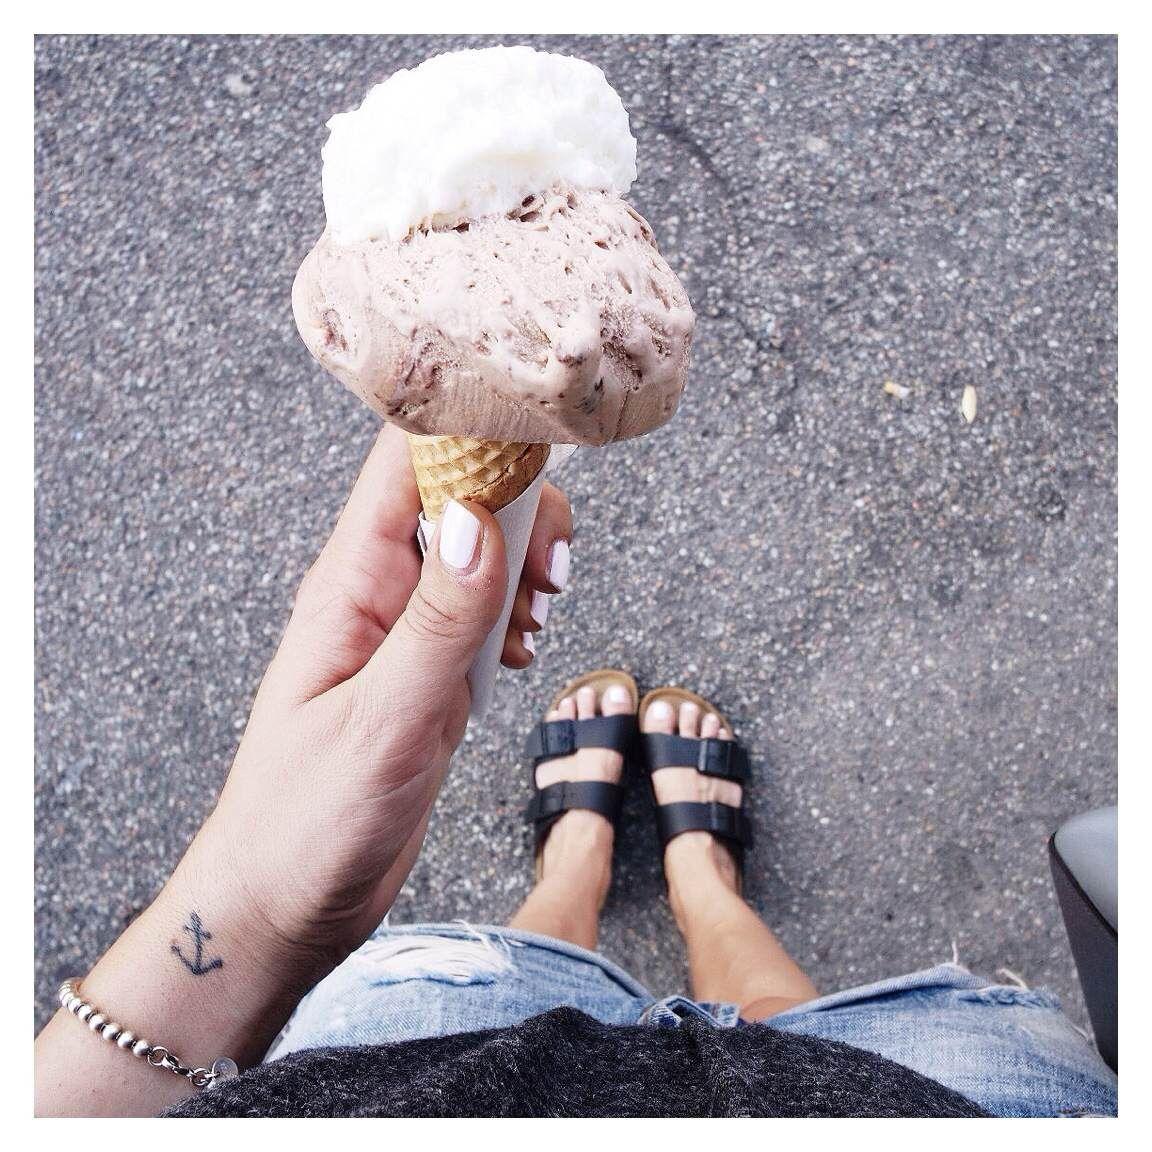 #SUMMER #POLAROID - Instagram @nicolettareggio   www.instagram.com/nicolettareggio